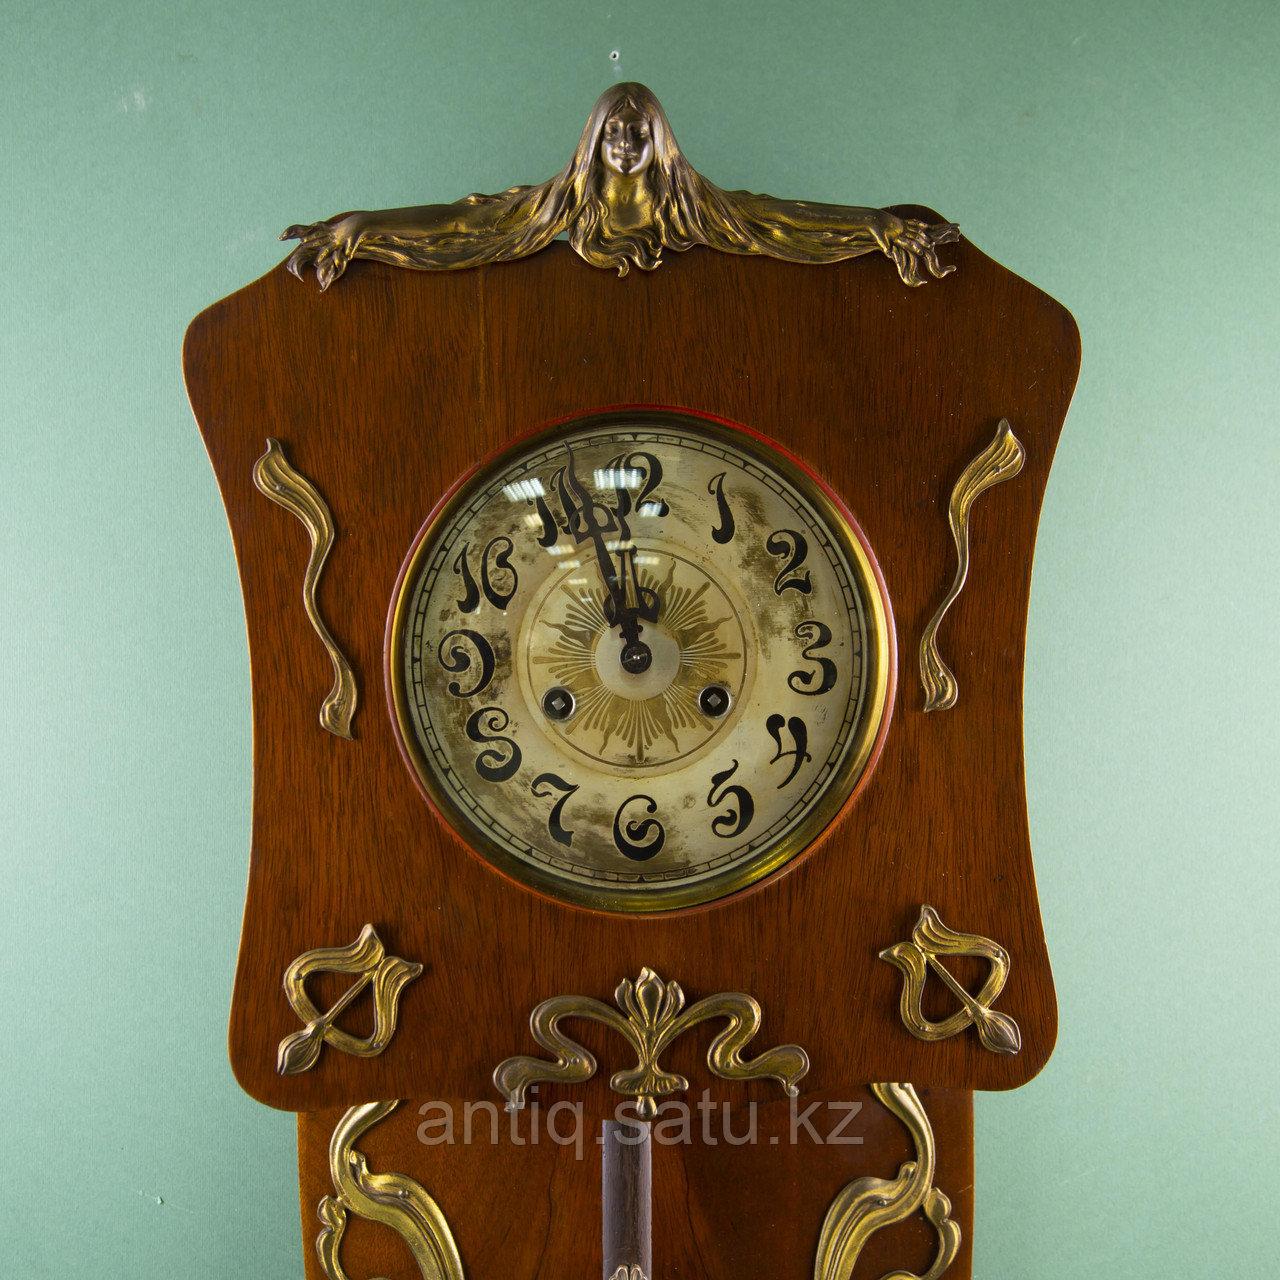 Редкие часы в стиле Ар Нуво. Часовая мастерская Junghans Германия. 1920-1930 годы. - фото 6